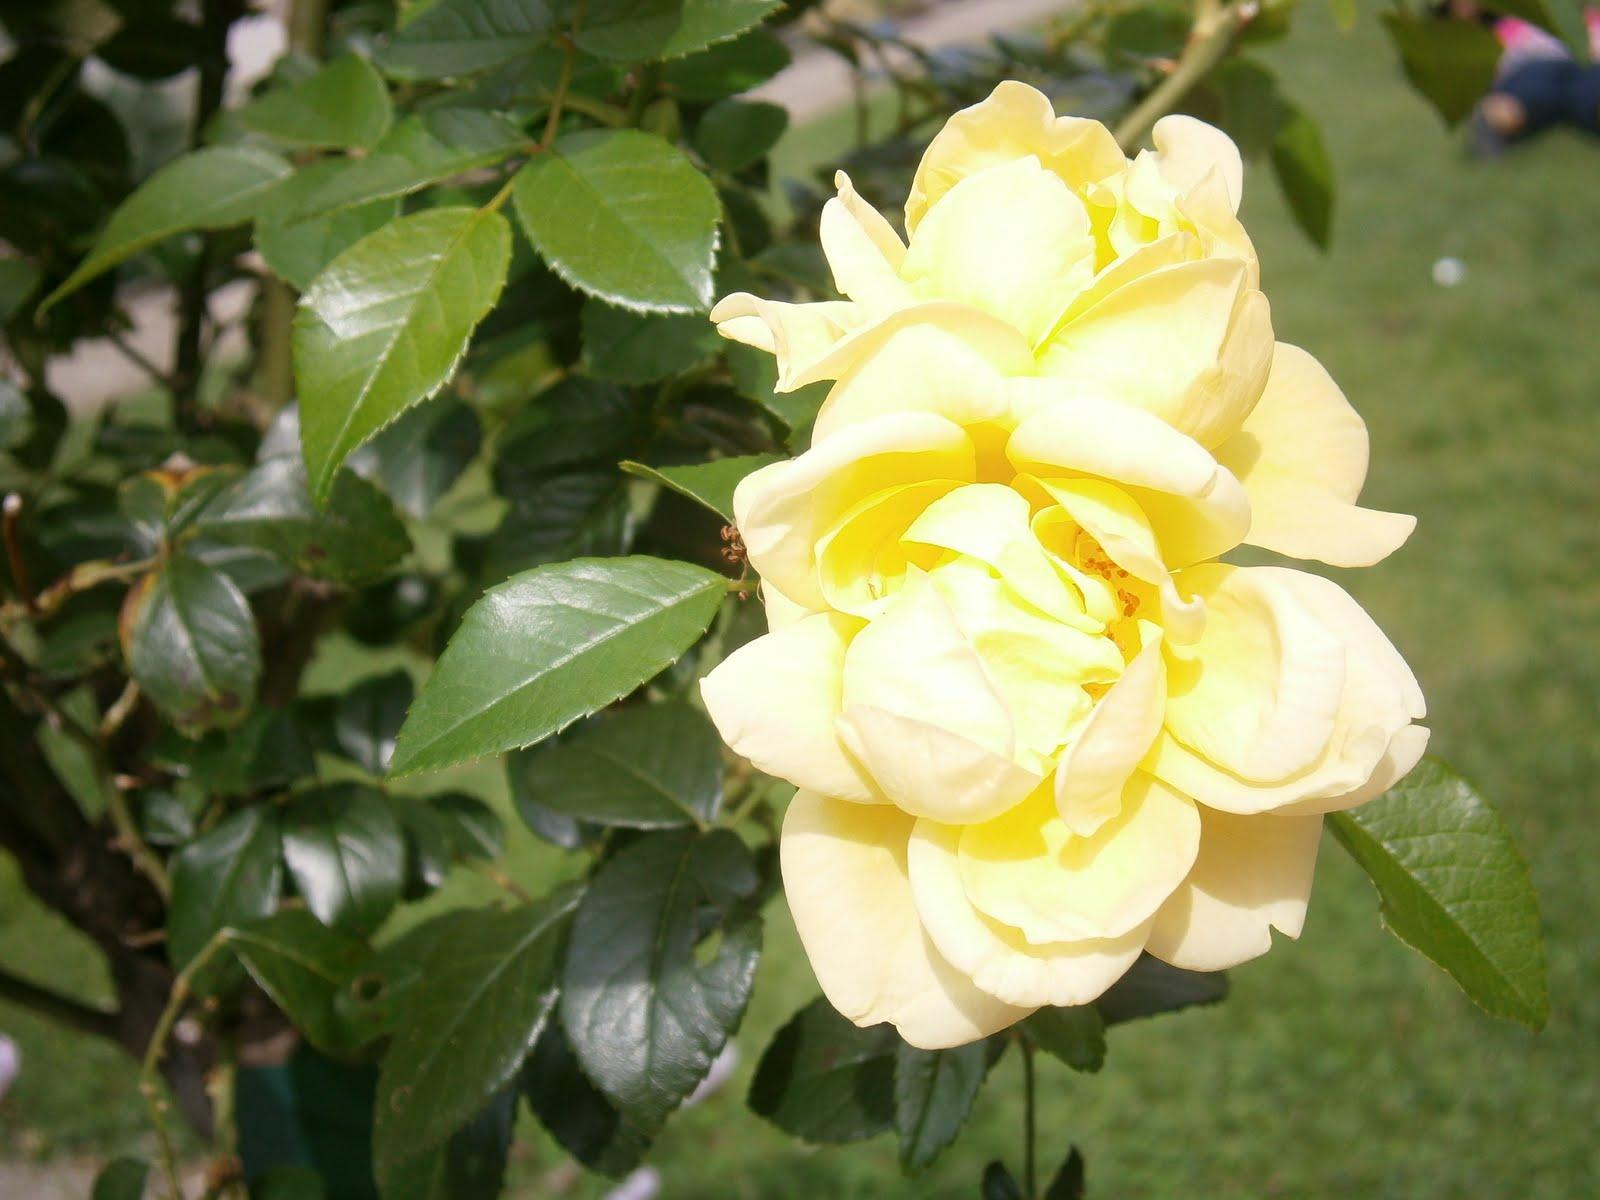 Plantes et fleurs de mon jardin photo d 39 une rose jaune for Plante jaune